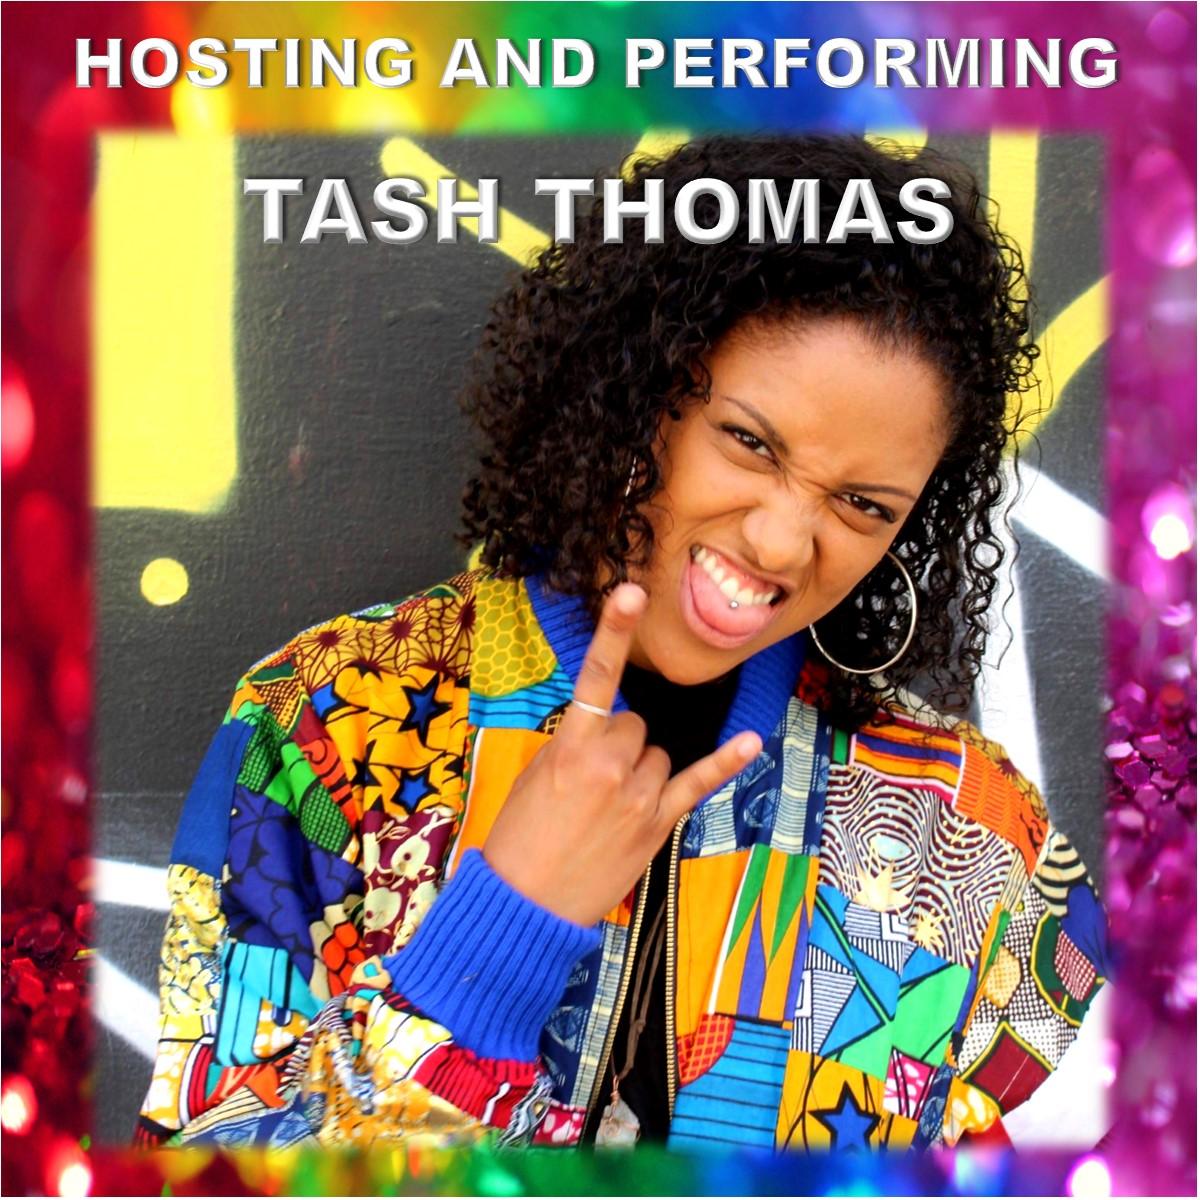 Tash Thomas